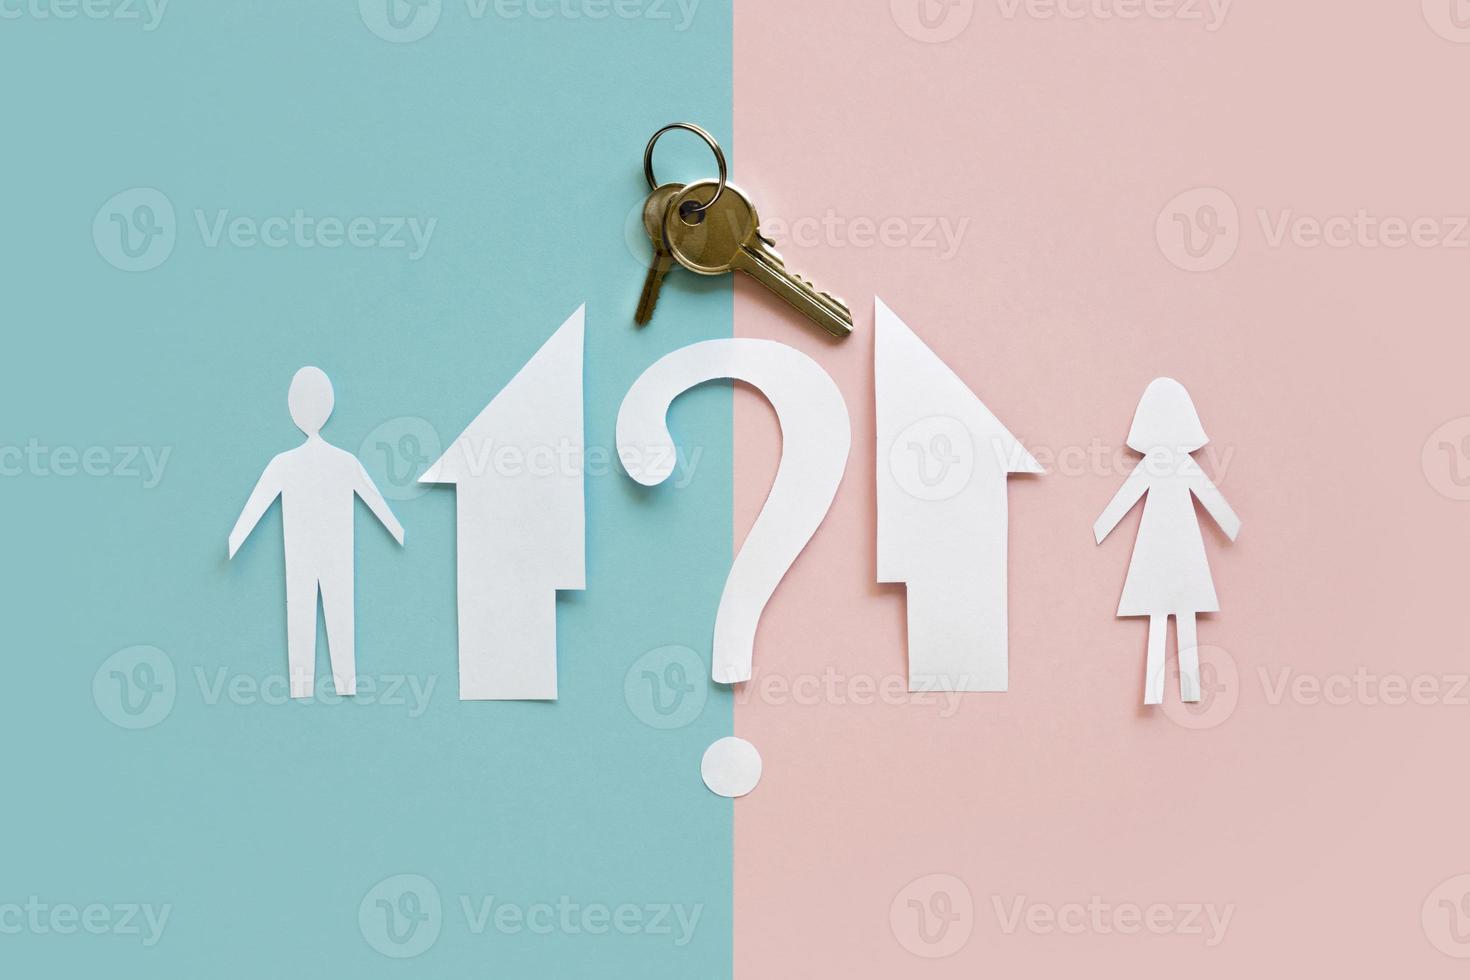 platt låg papper familj hus separerade med nyckel på rosa blå bakgrund foto